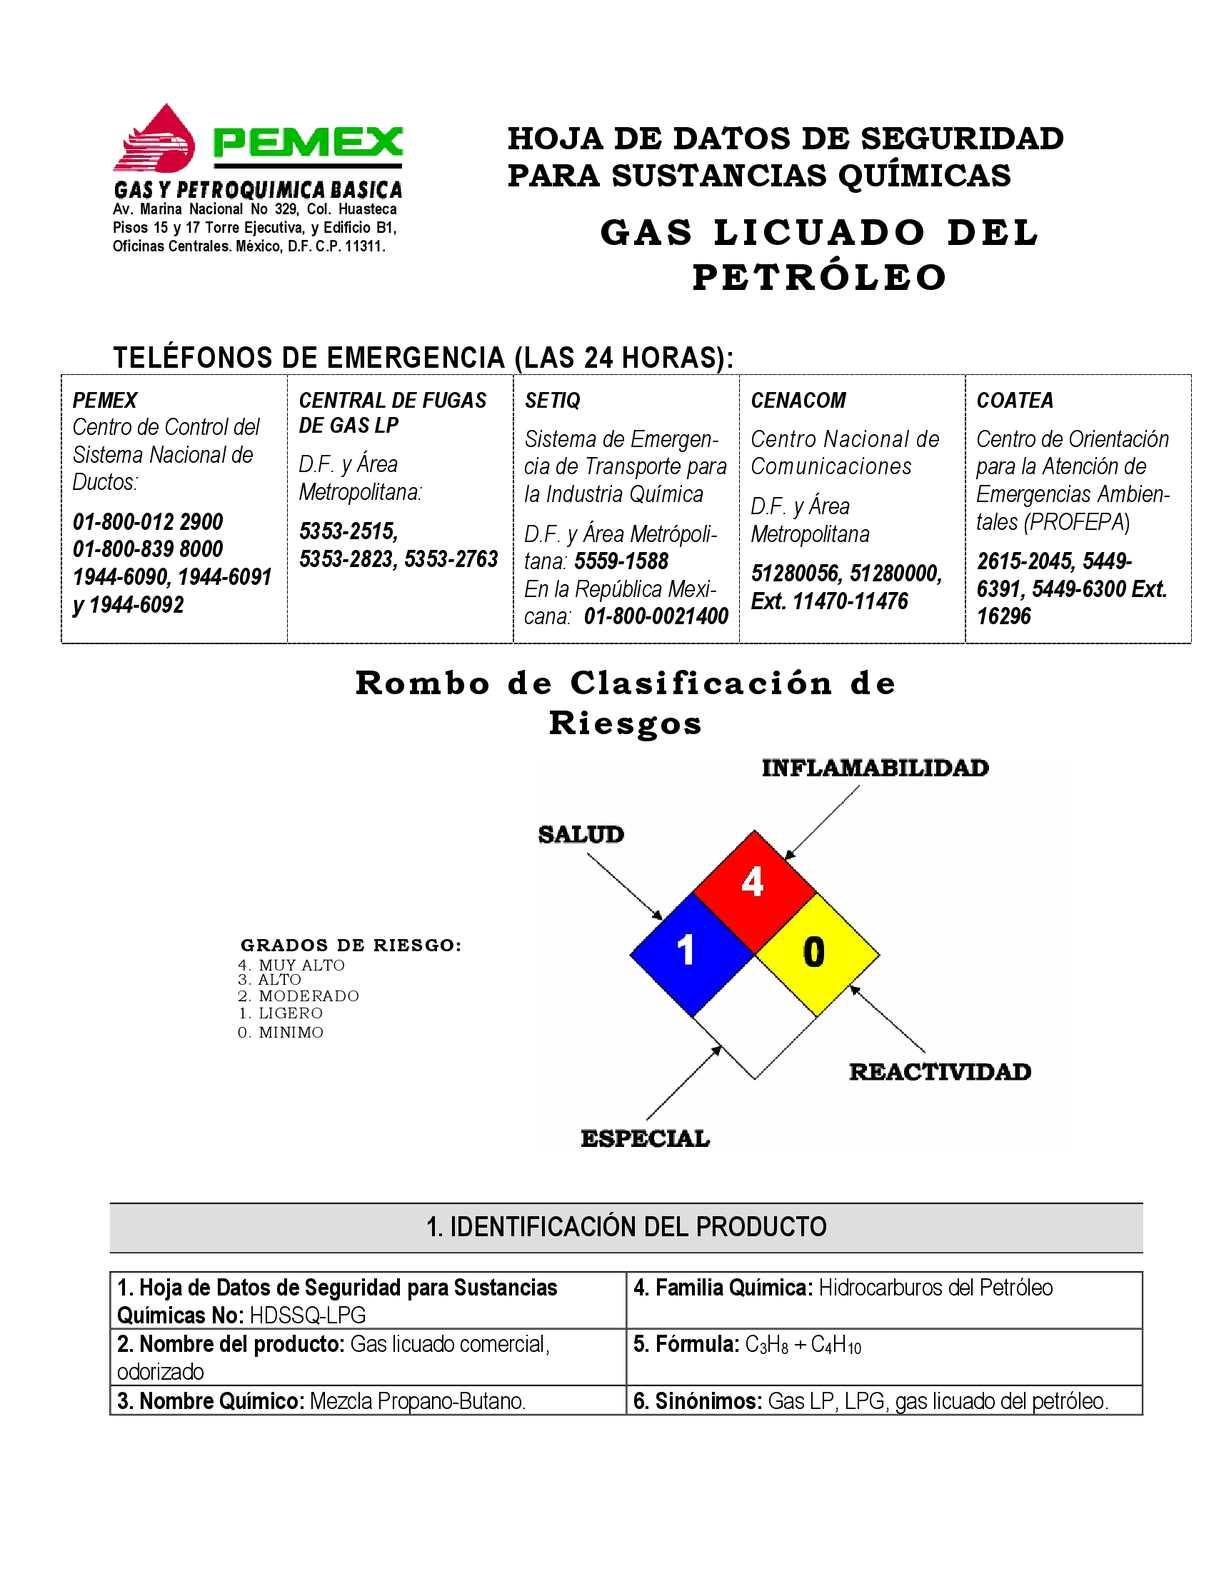 Calam o 67674361 hojaseguridadtec gaslp v2007 for Estanques de gas licuado